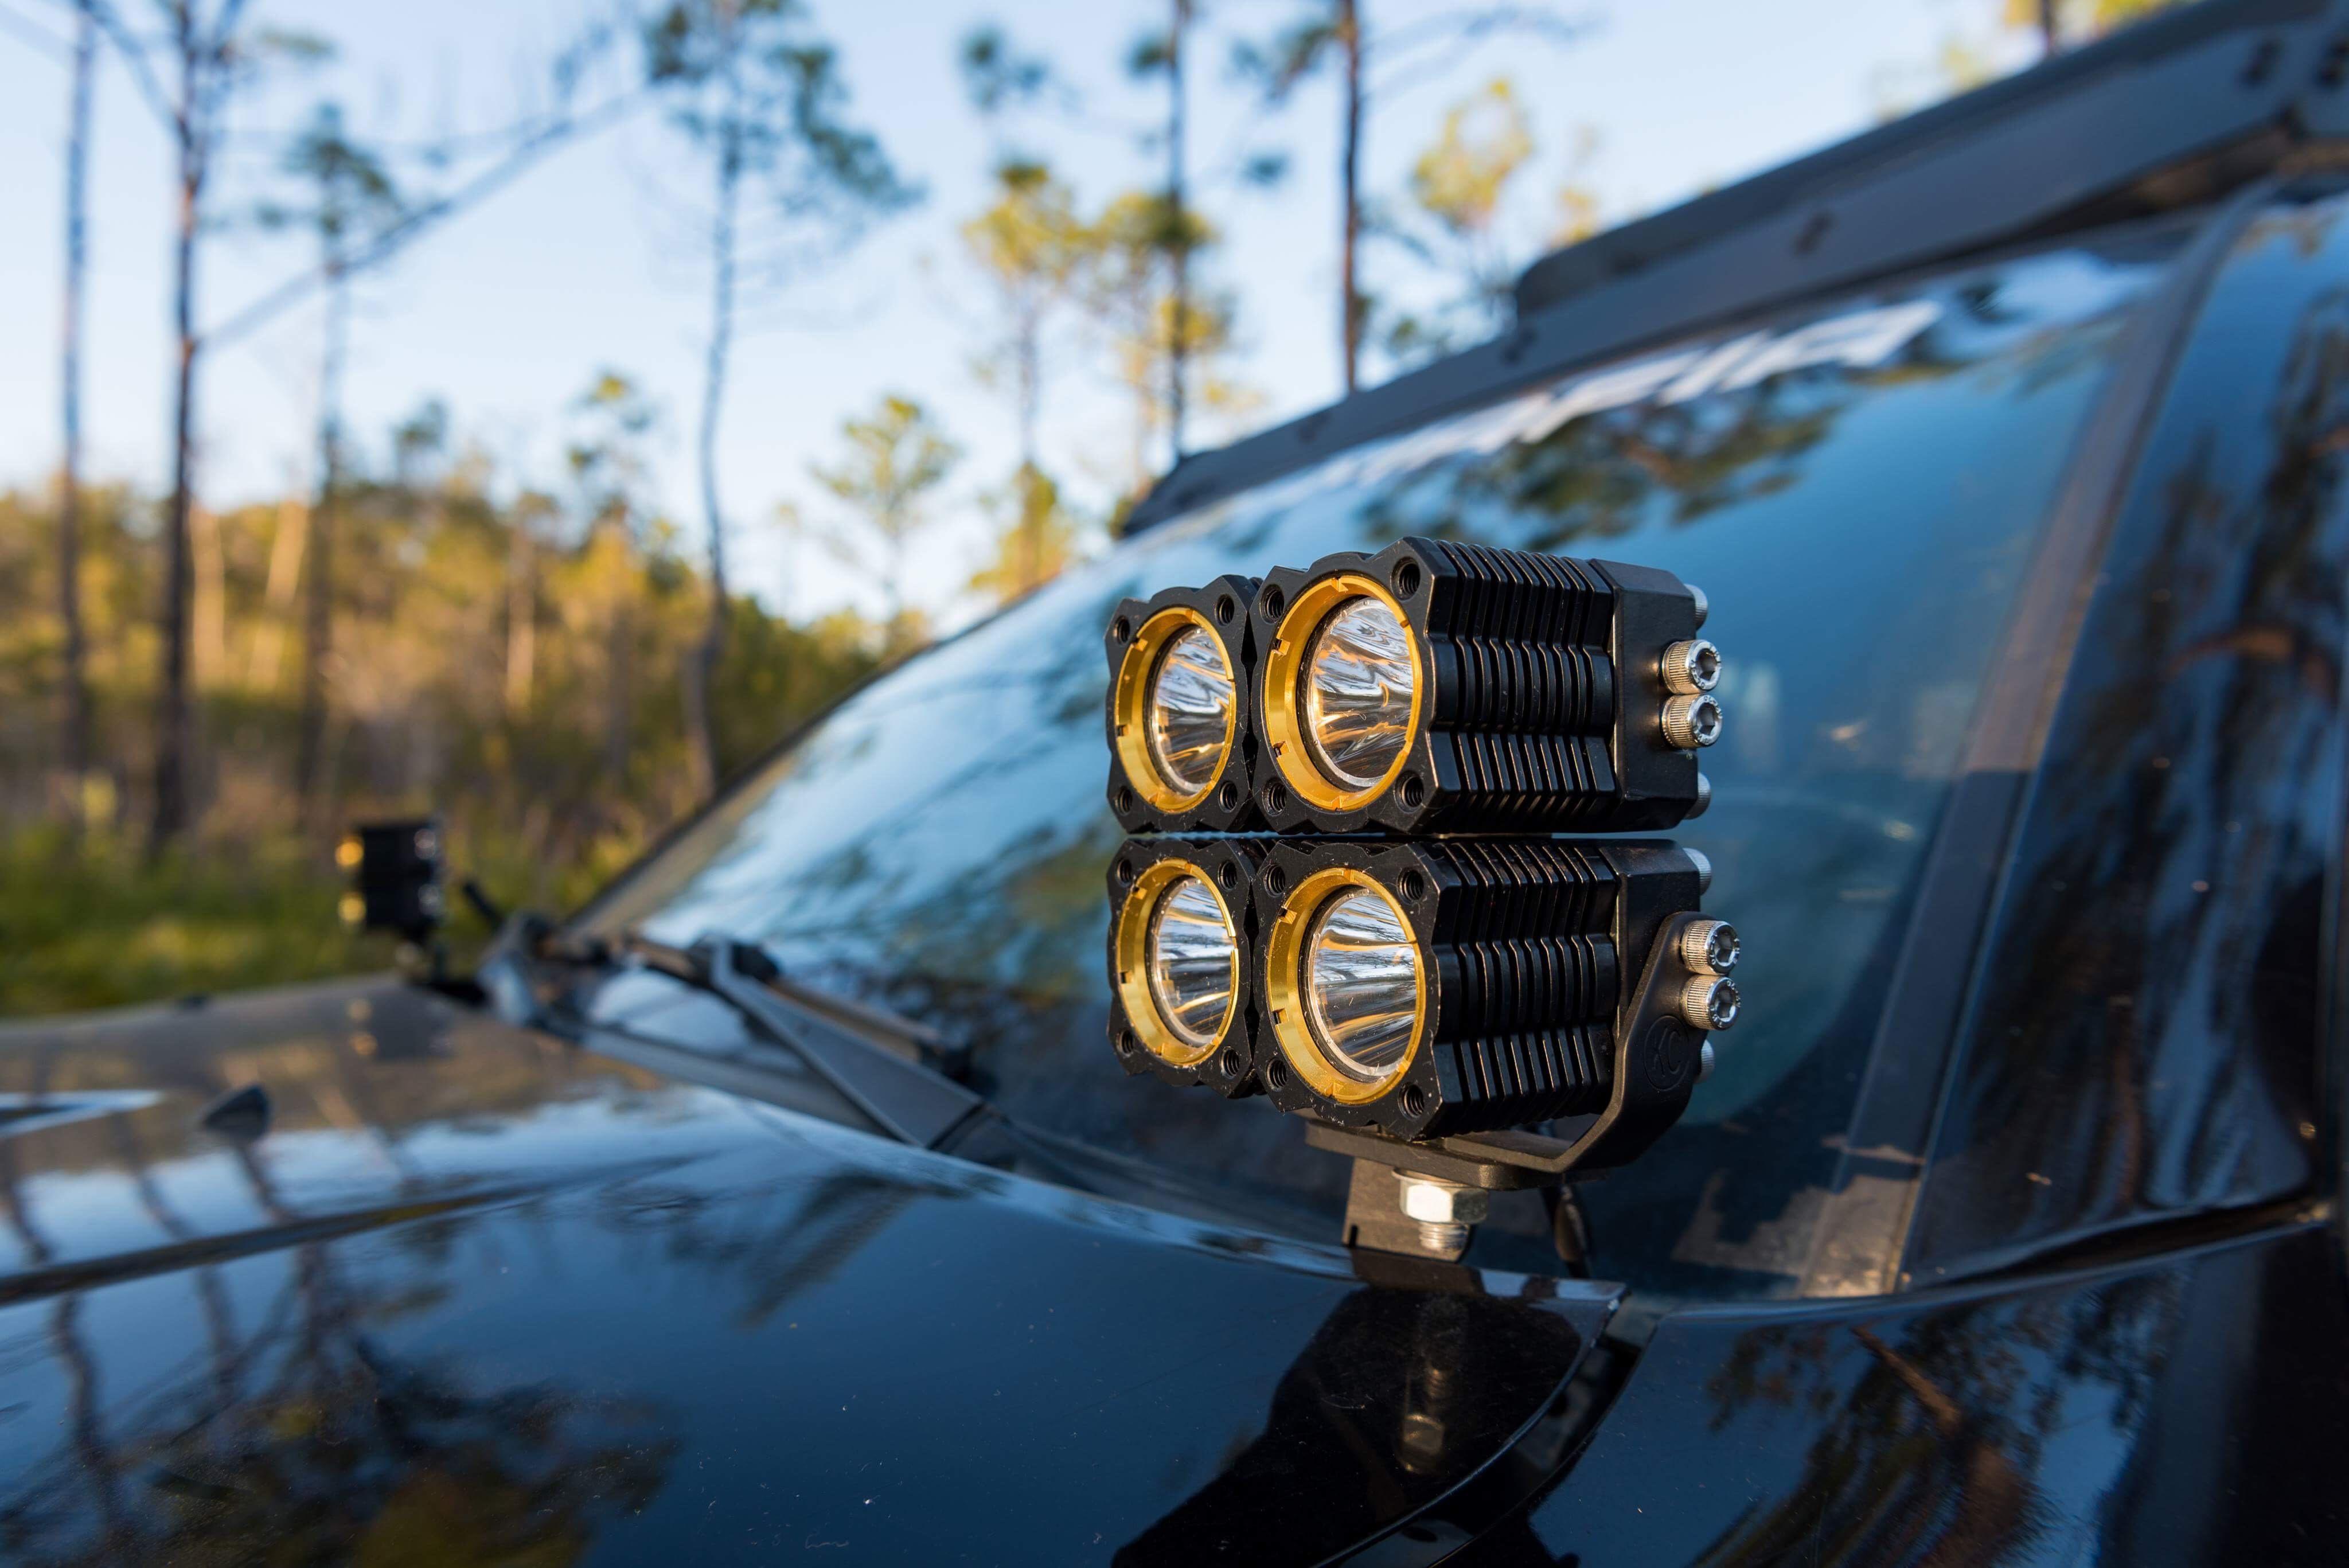 Kc Flex System 10 18 Toyota 4runner Pillar Ditch Mount Led Light Wiring Harness Kit